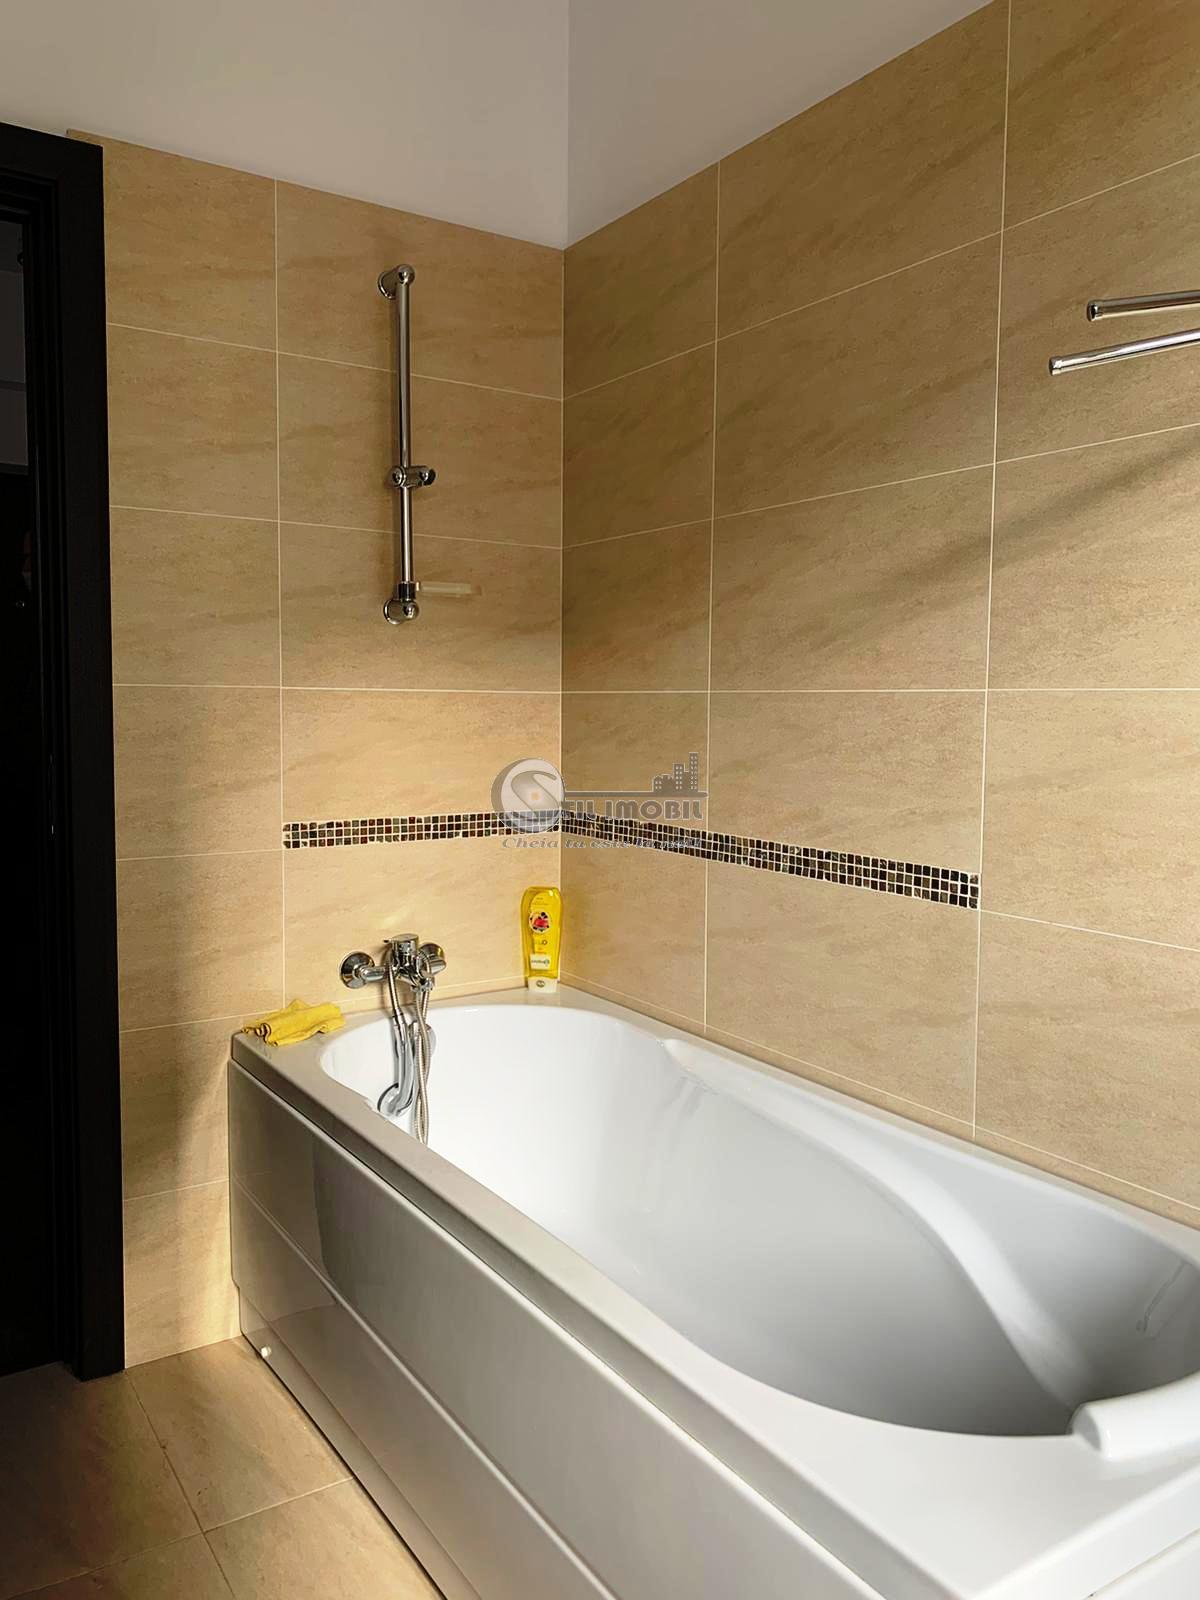 Apartament 2 camere->Carol Residence Copou->300 euro